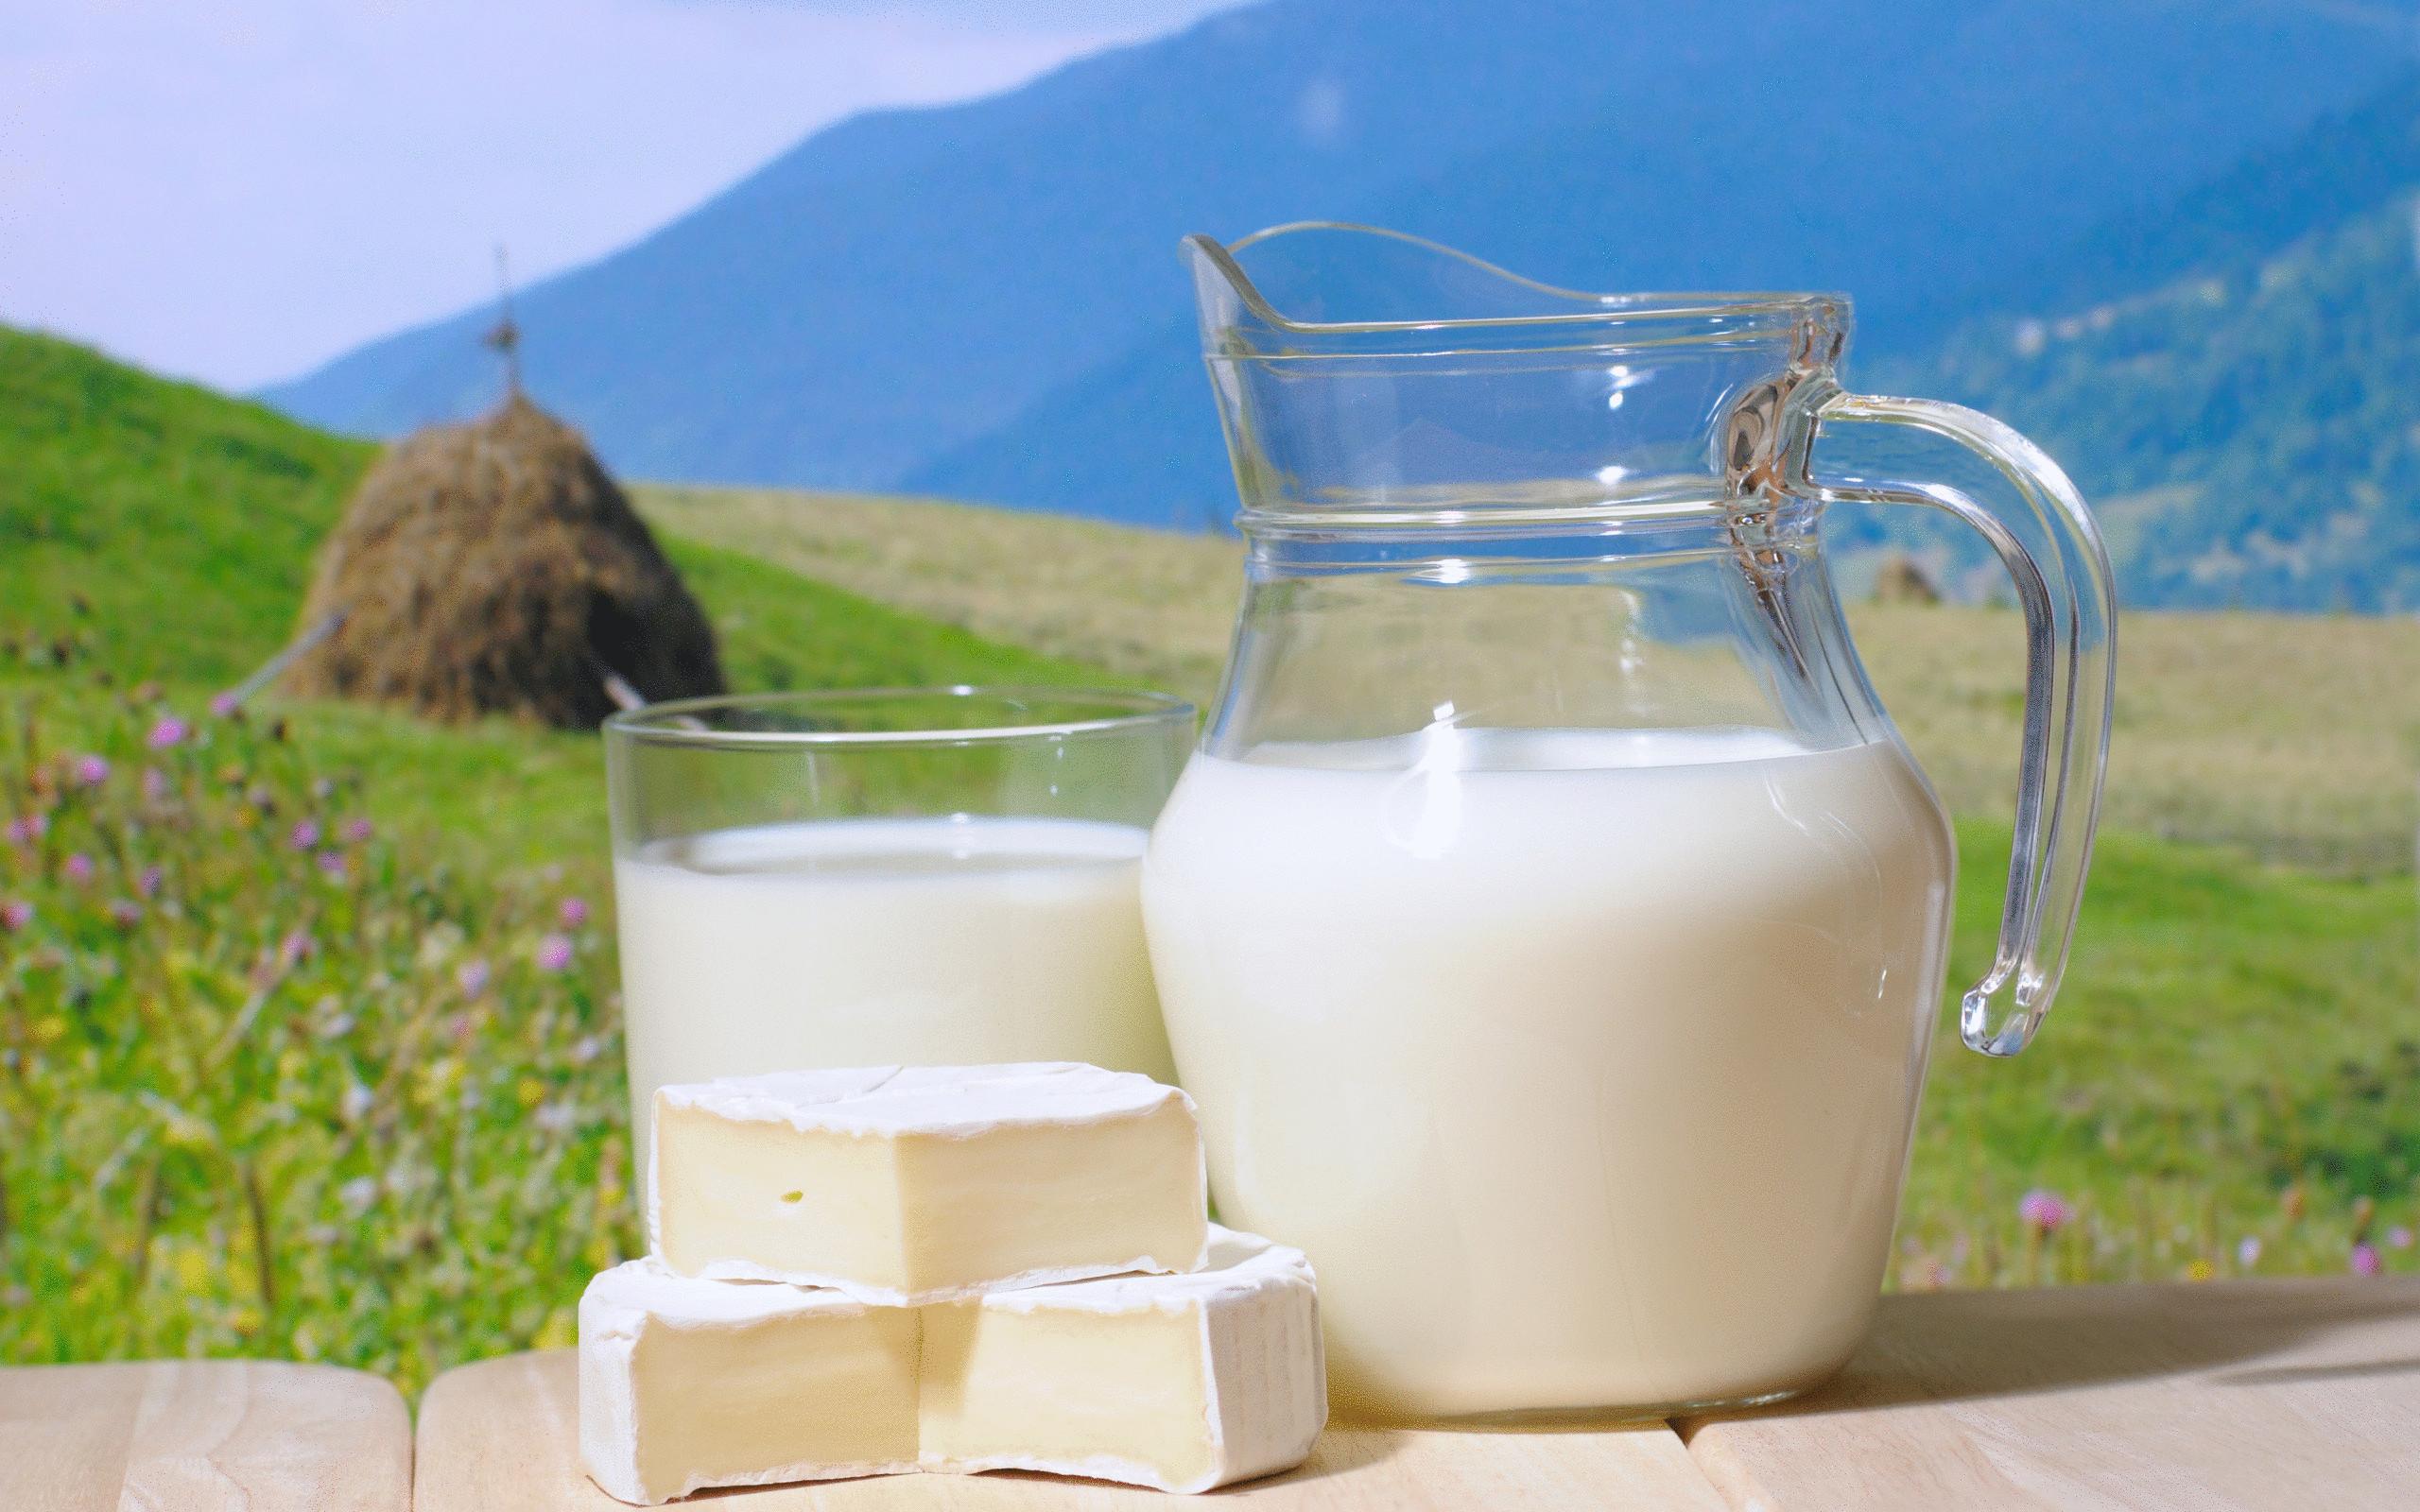 картинки молоко из молока этого фонтана вечерам